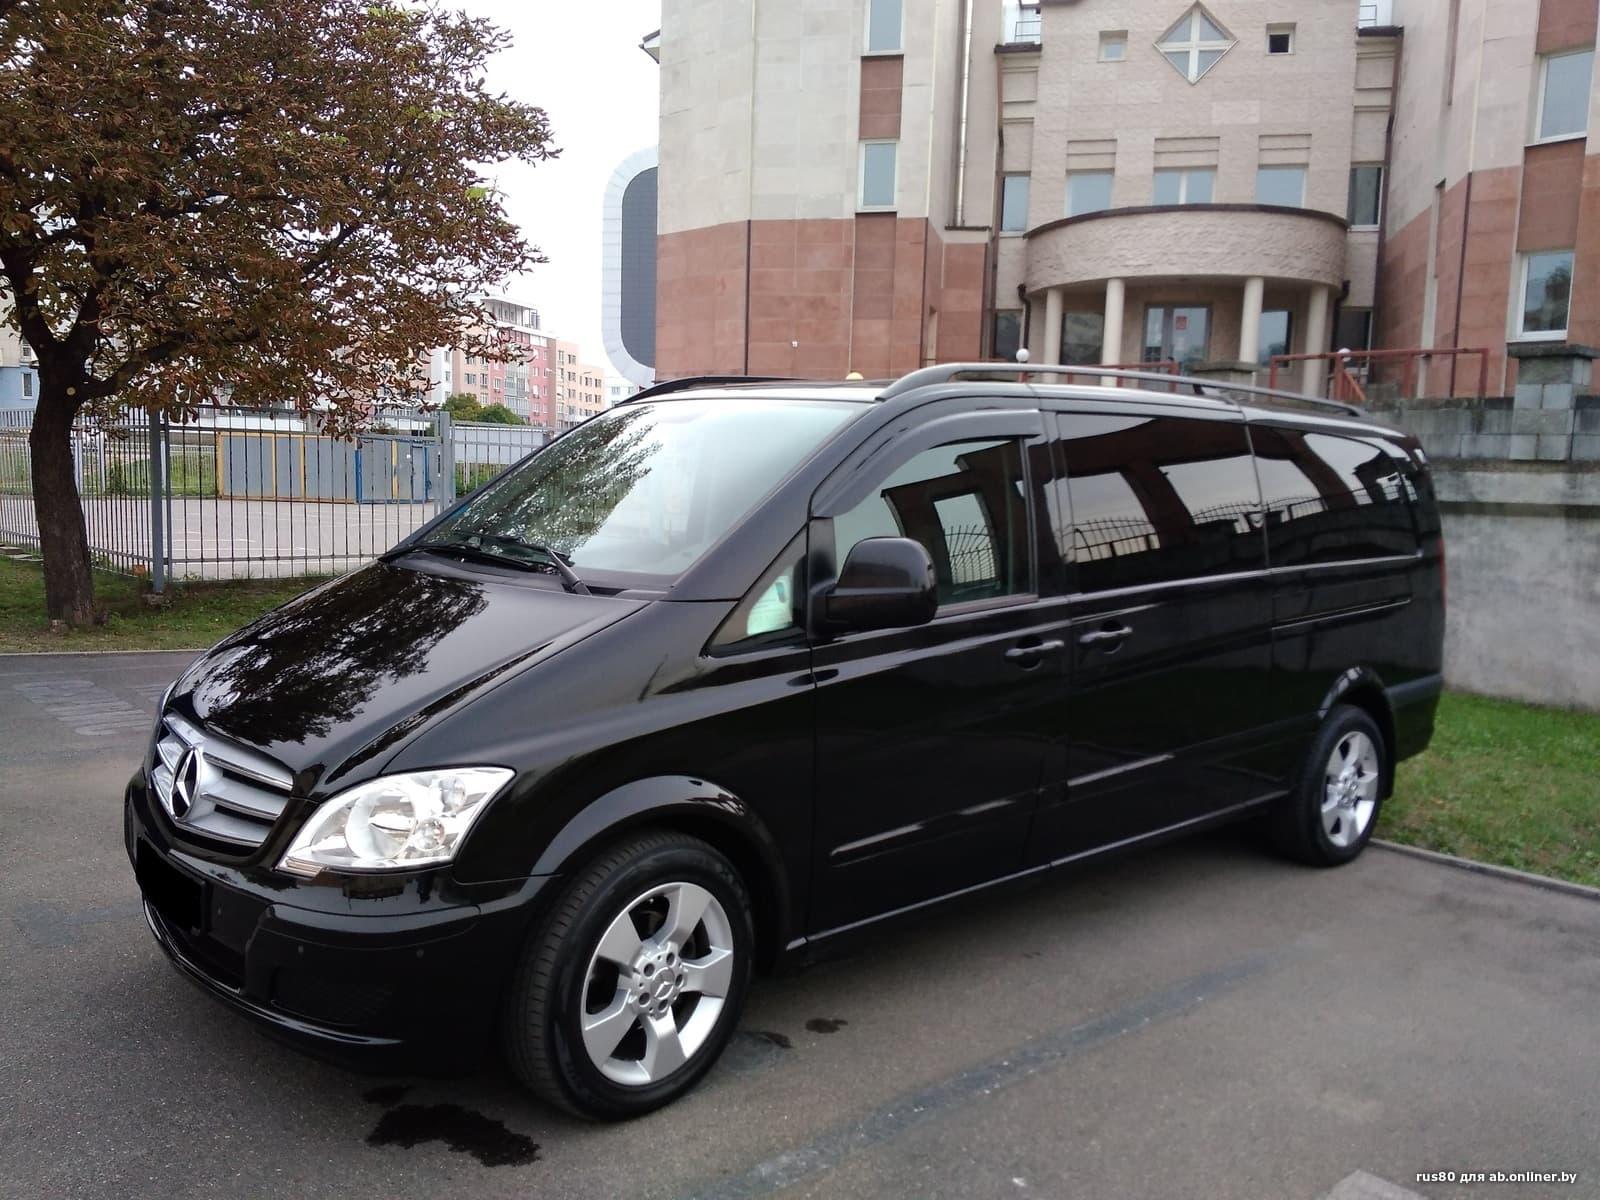 Mercedes-Benz Vito 115 CDI XL Рестайлин